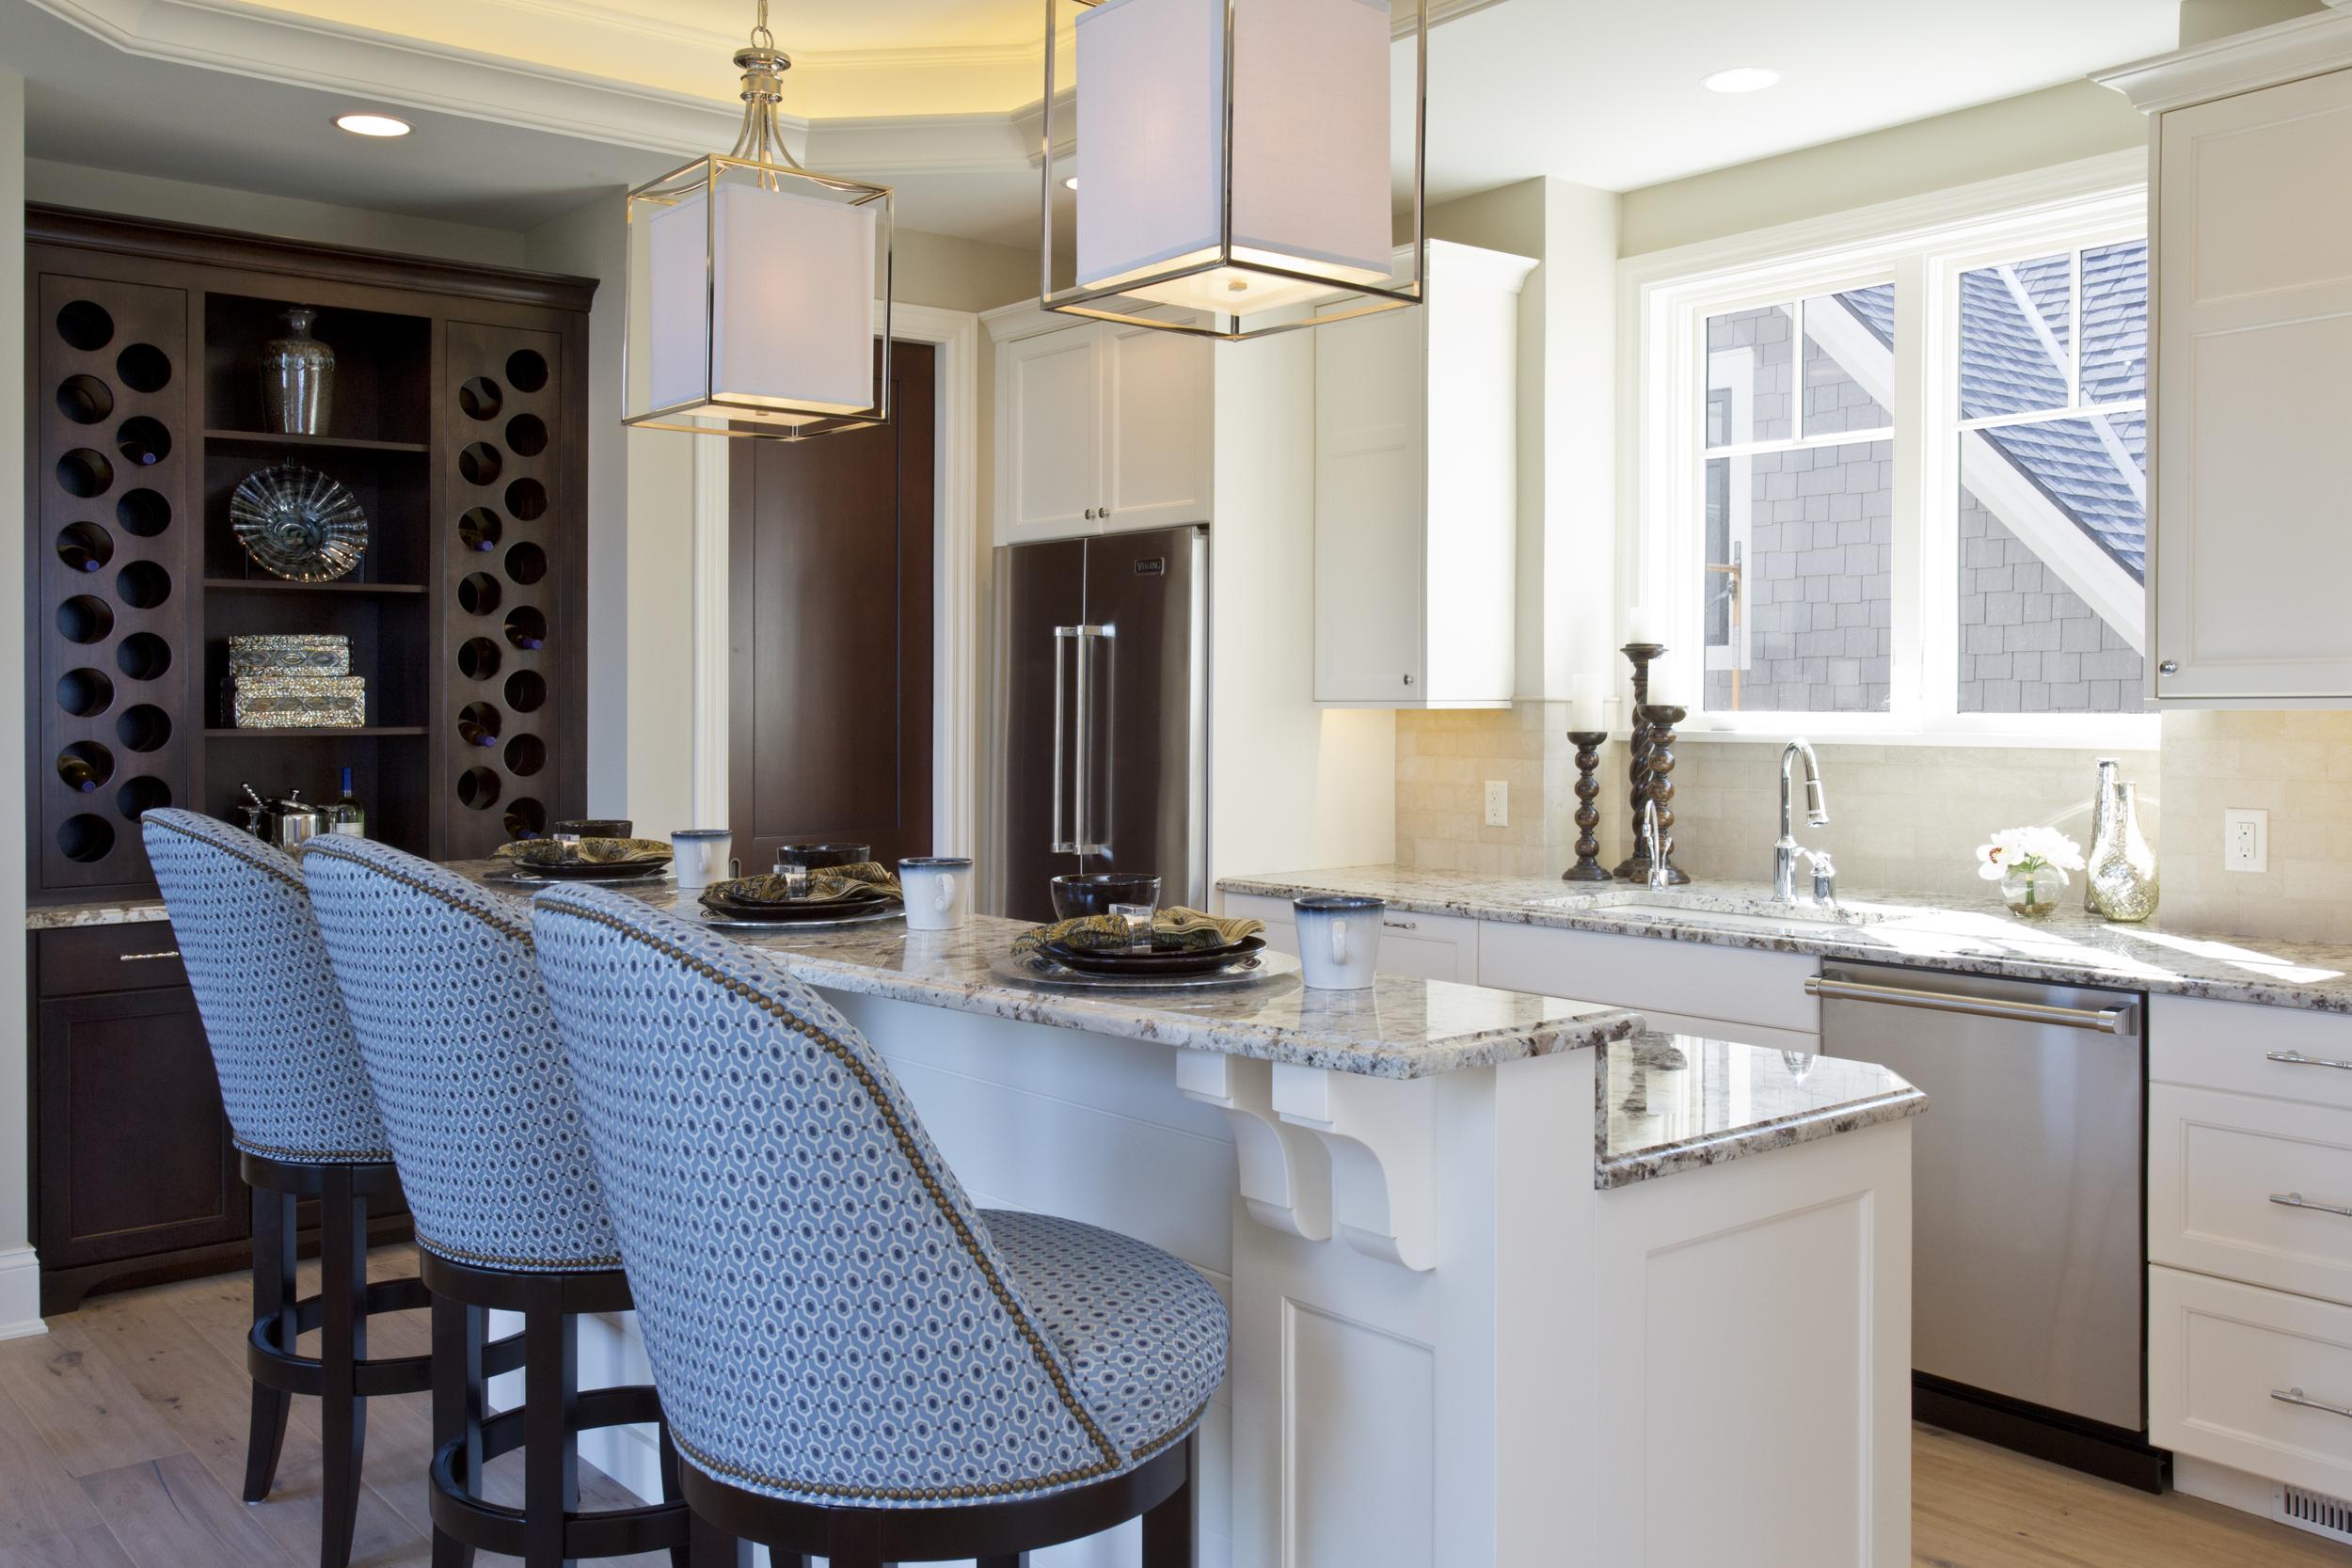 Kitchen_C93A4602-1.jpg